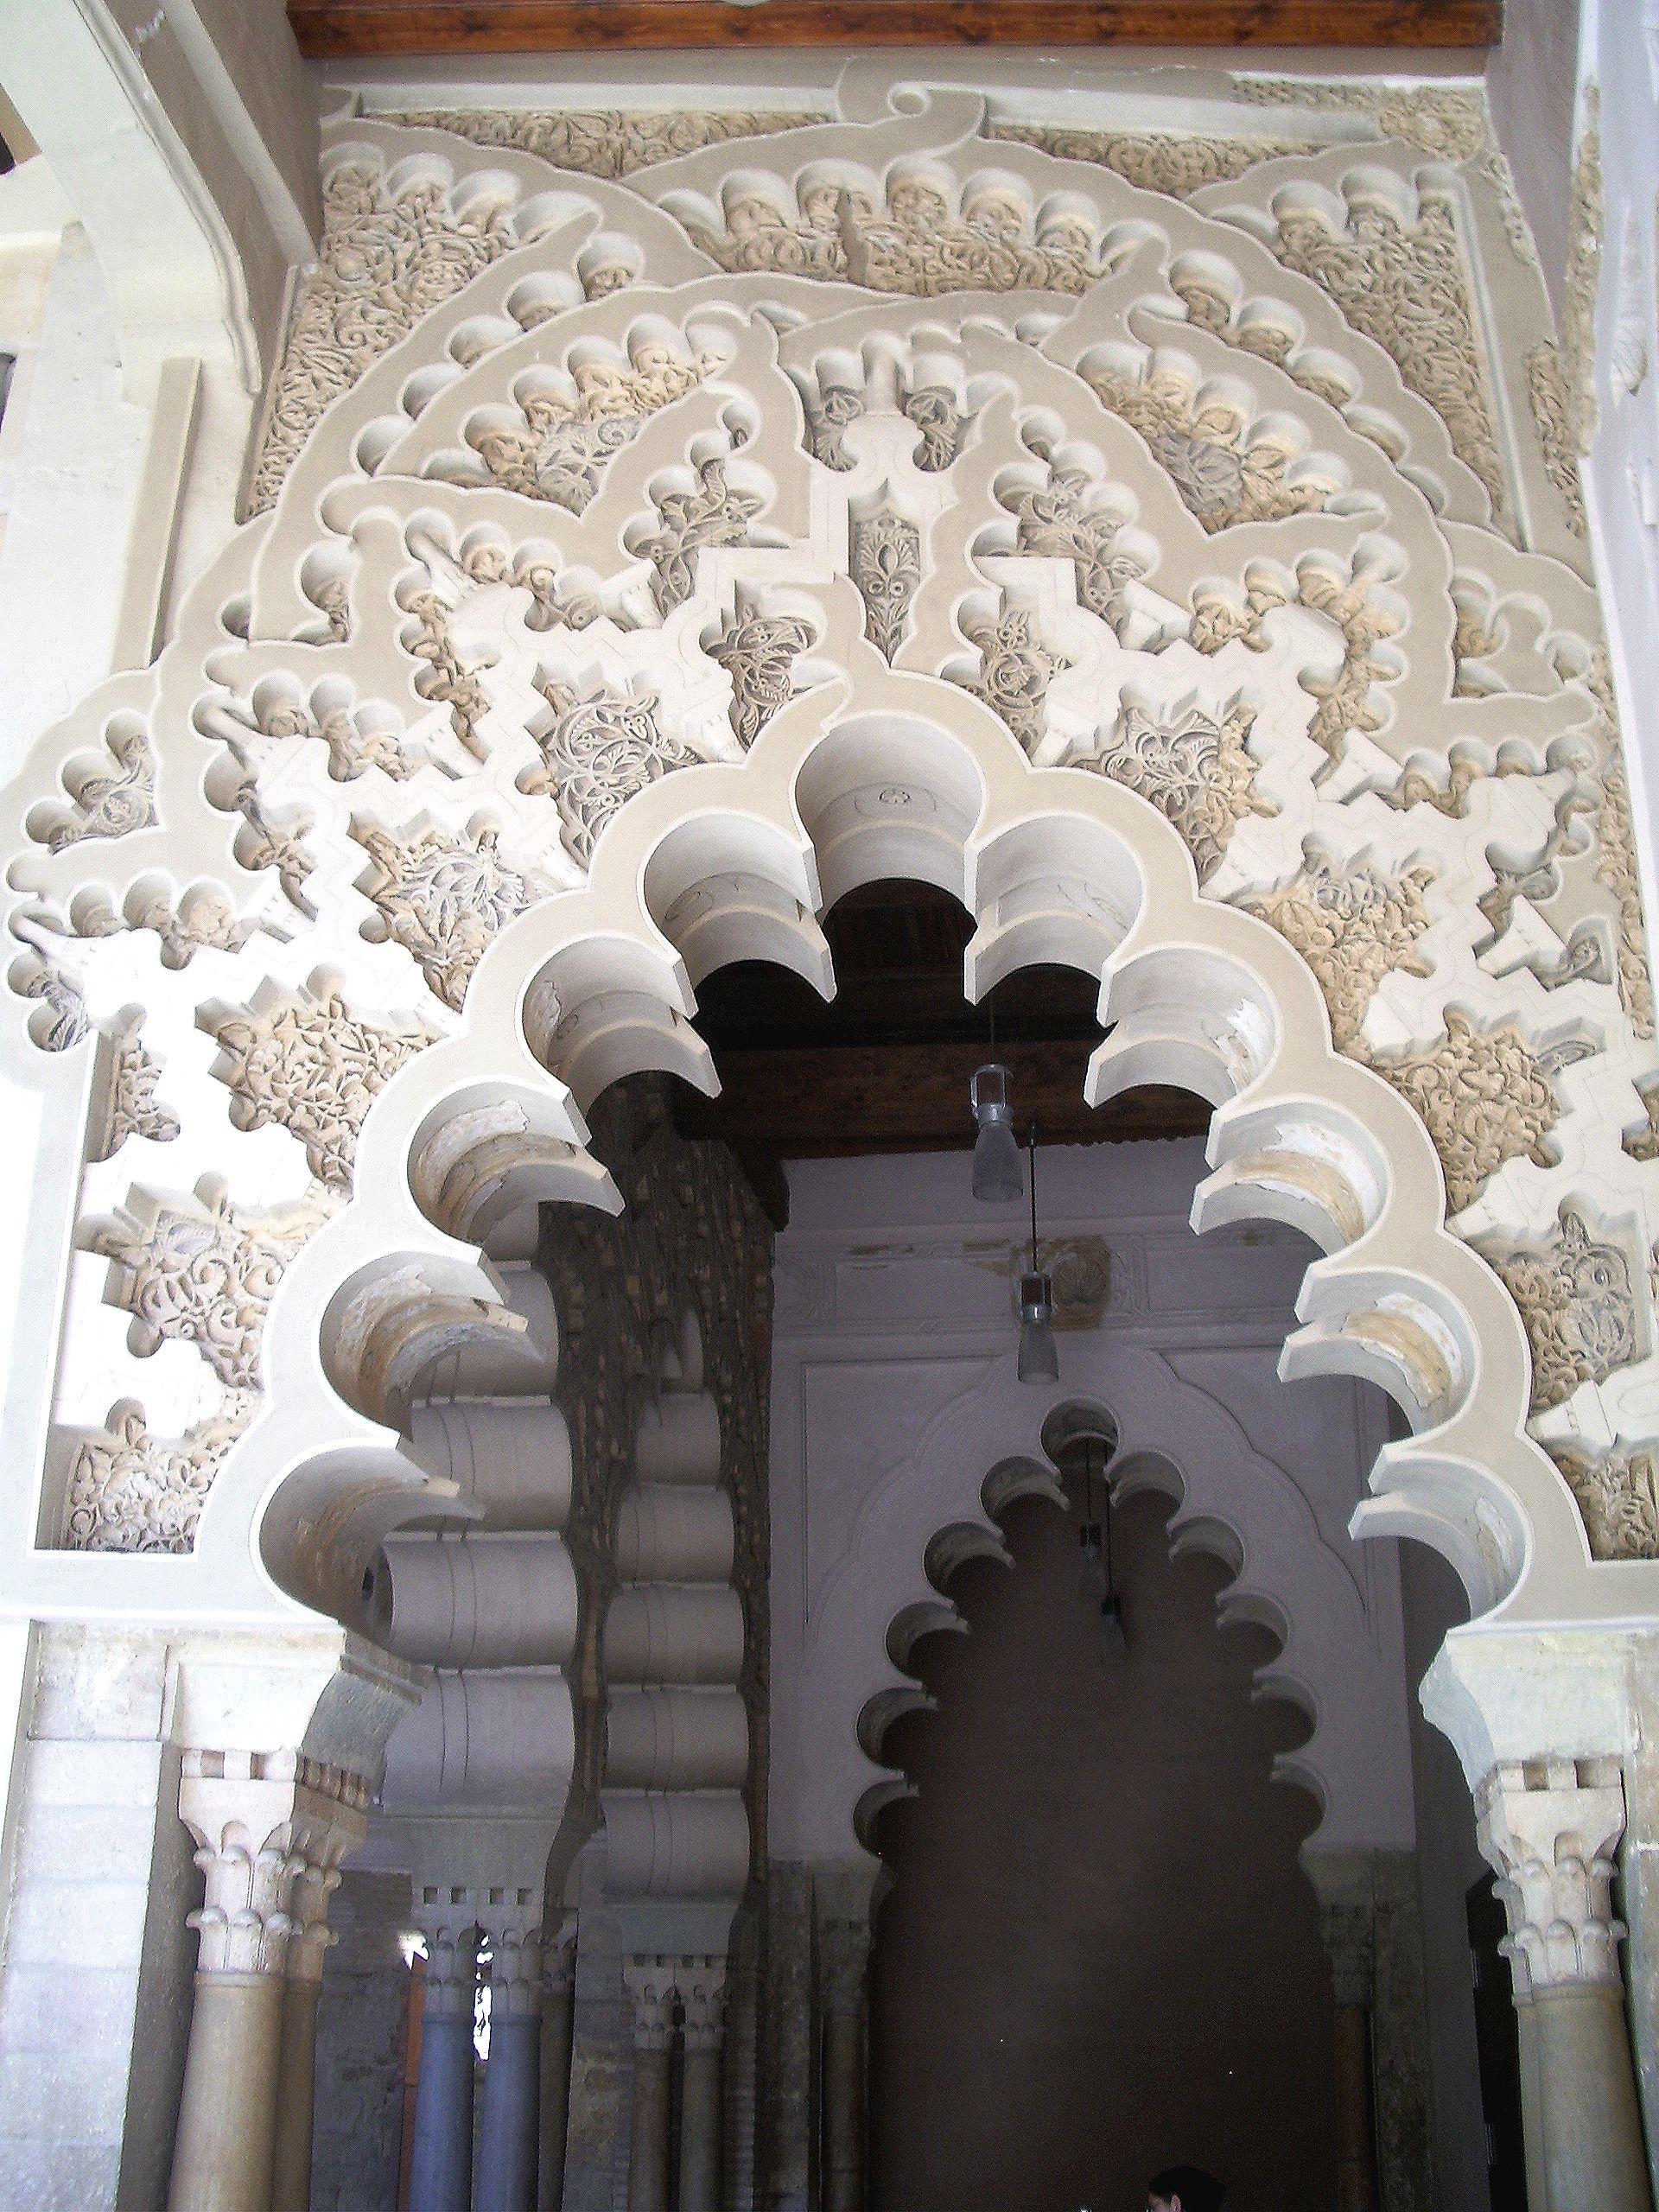 Aljafería de Zaragoza. Detalle del arco del pórtico de acceso al Salón Dorado.